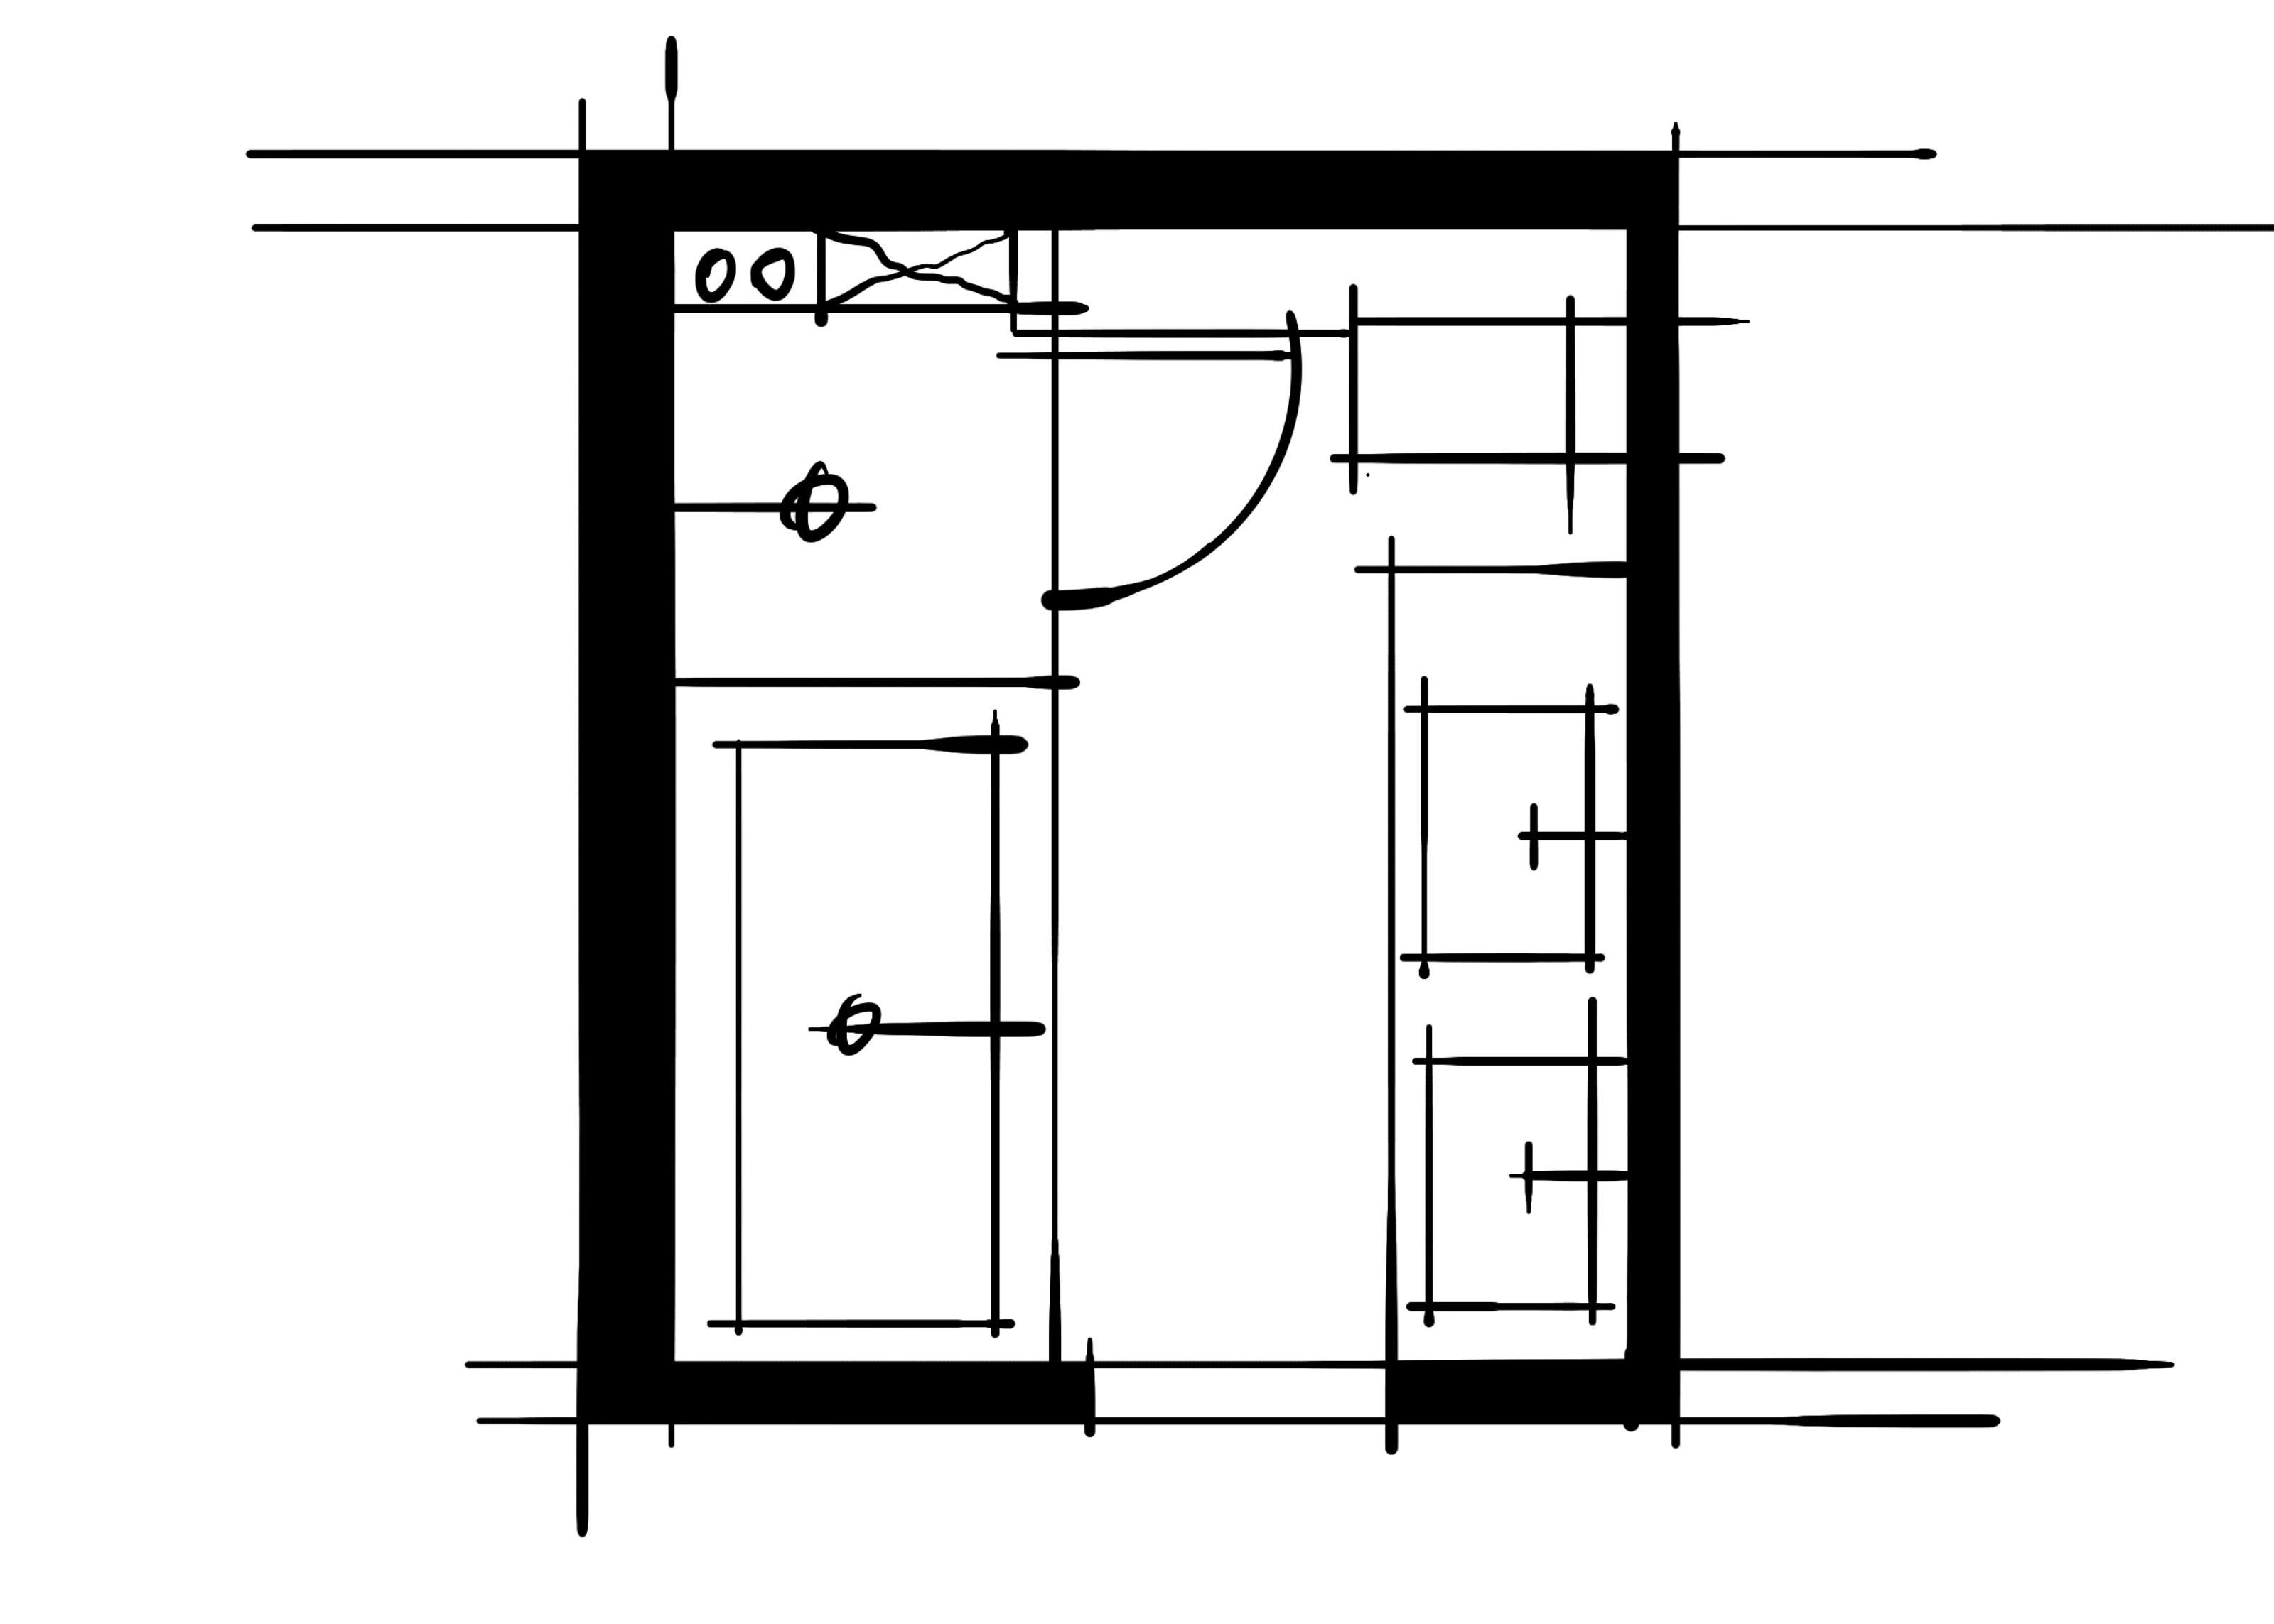 室内设计八大空间的十种做法-主卫(平行空间的组合关系)